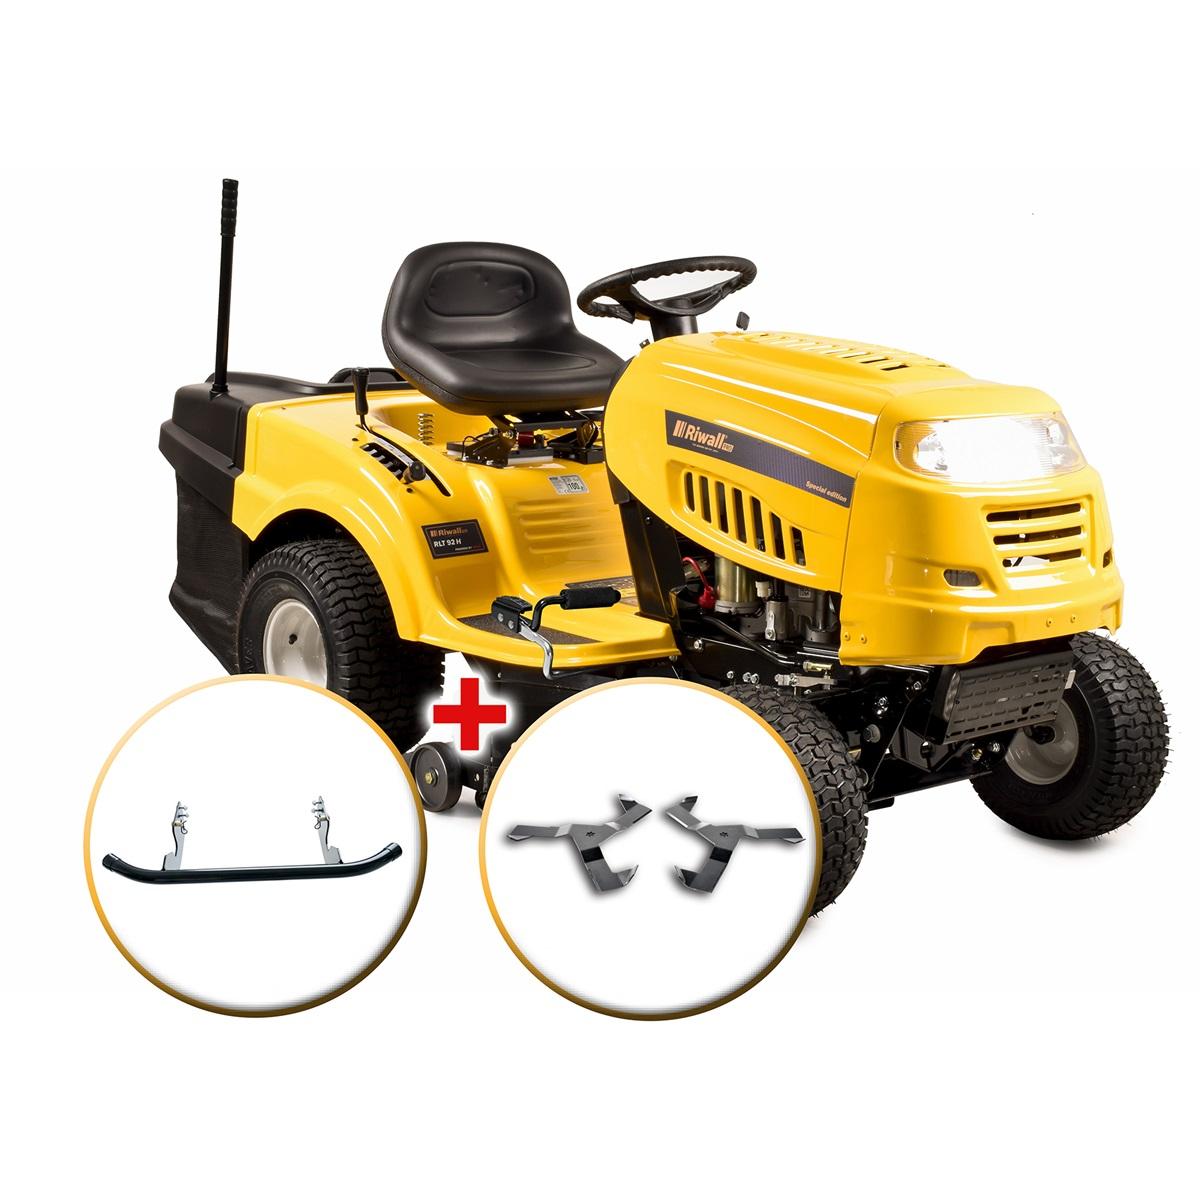 Riwall PRO RLT 92 H POWER KIT, travní traktor se zadním výhozem a hydrostatickou převodovkou + nárazník